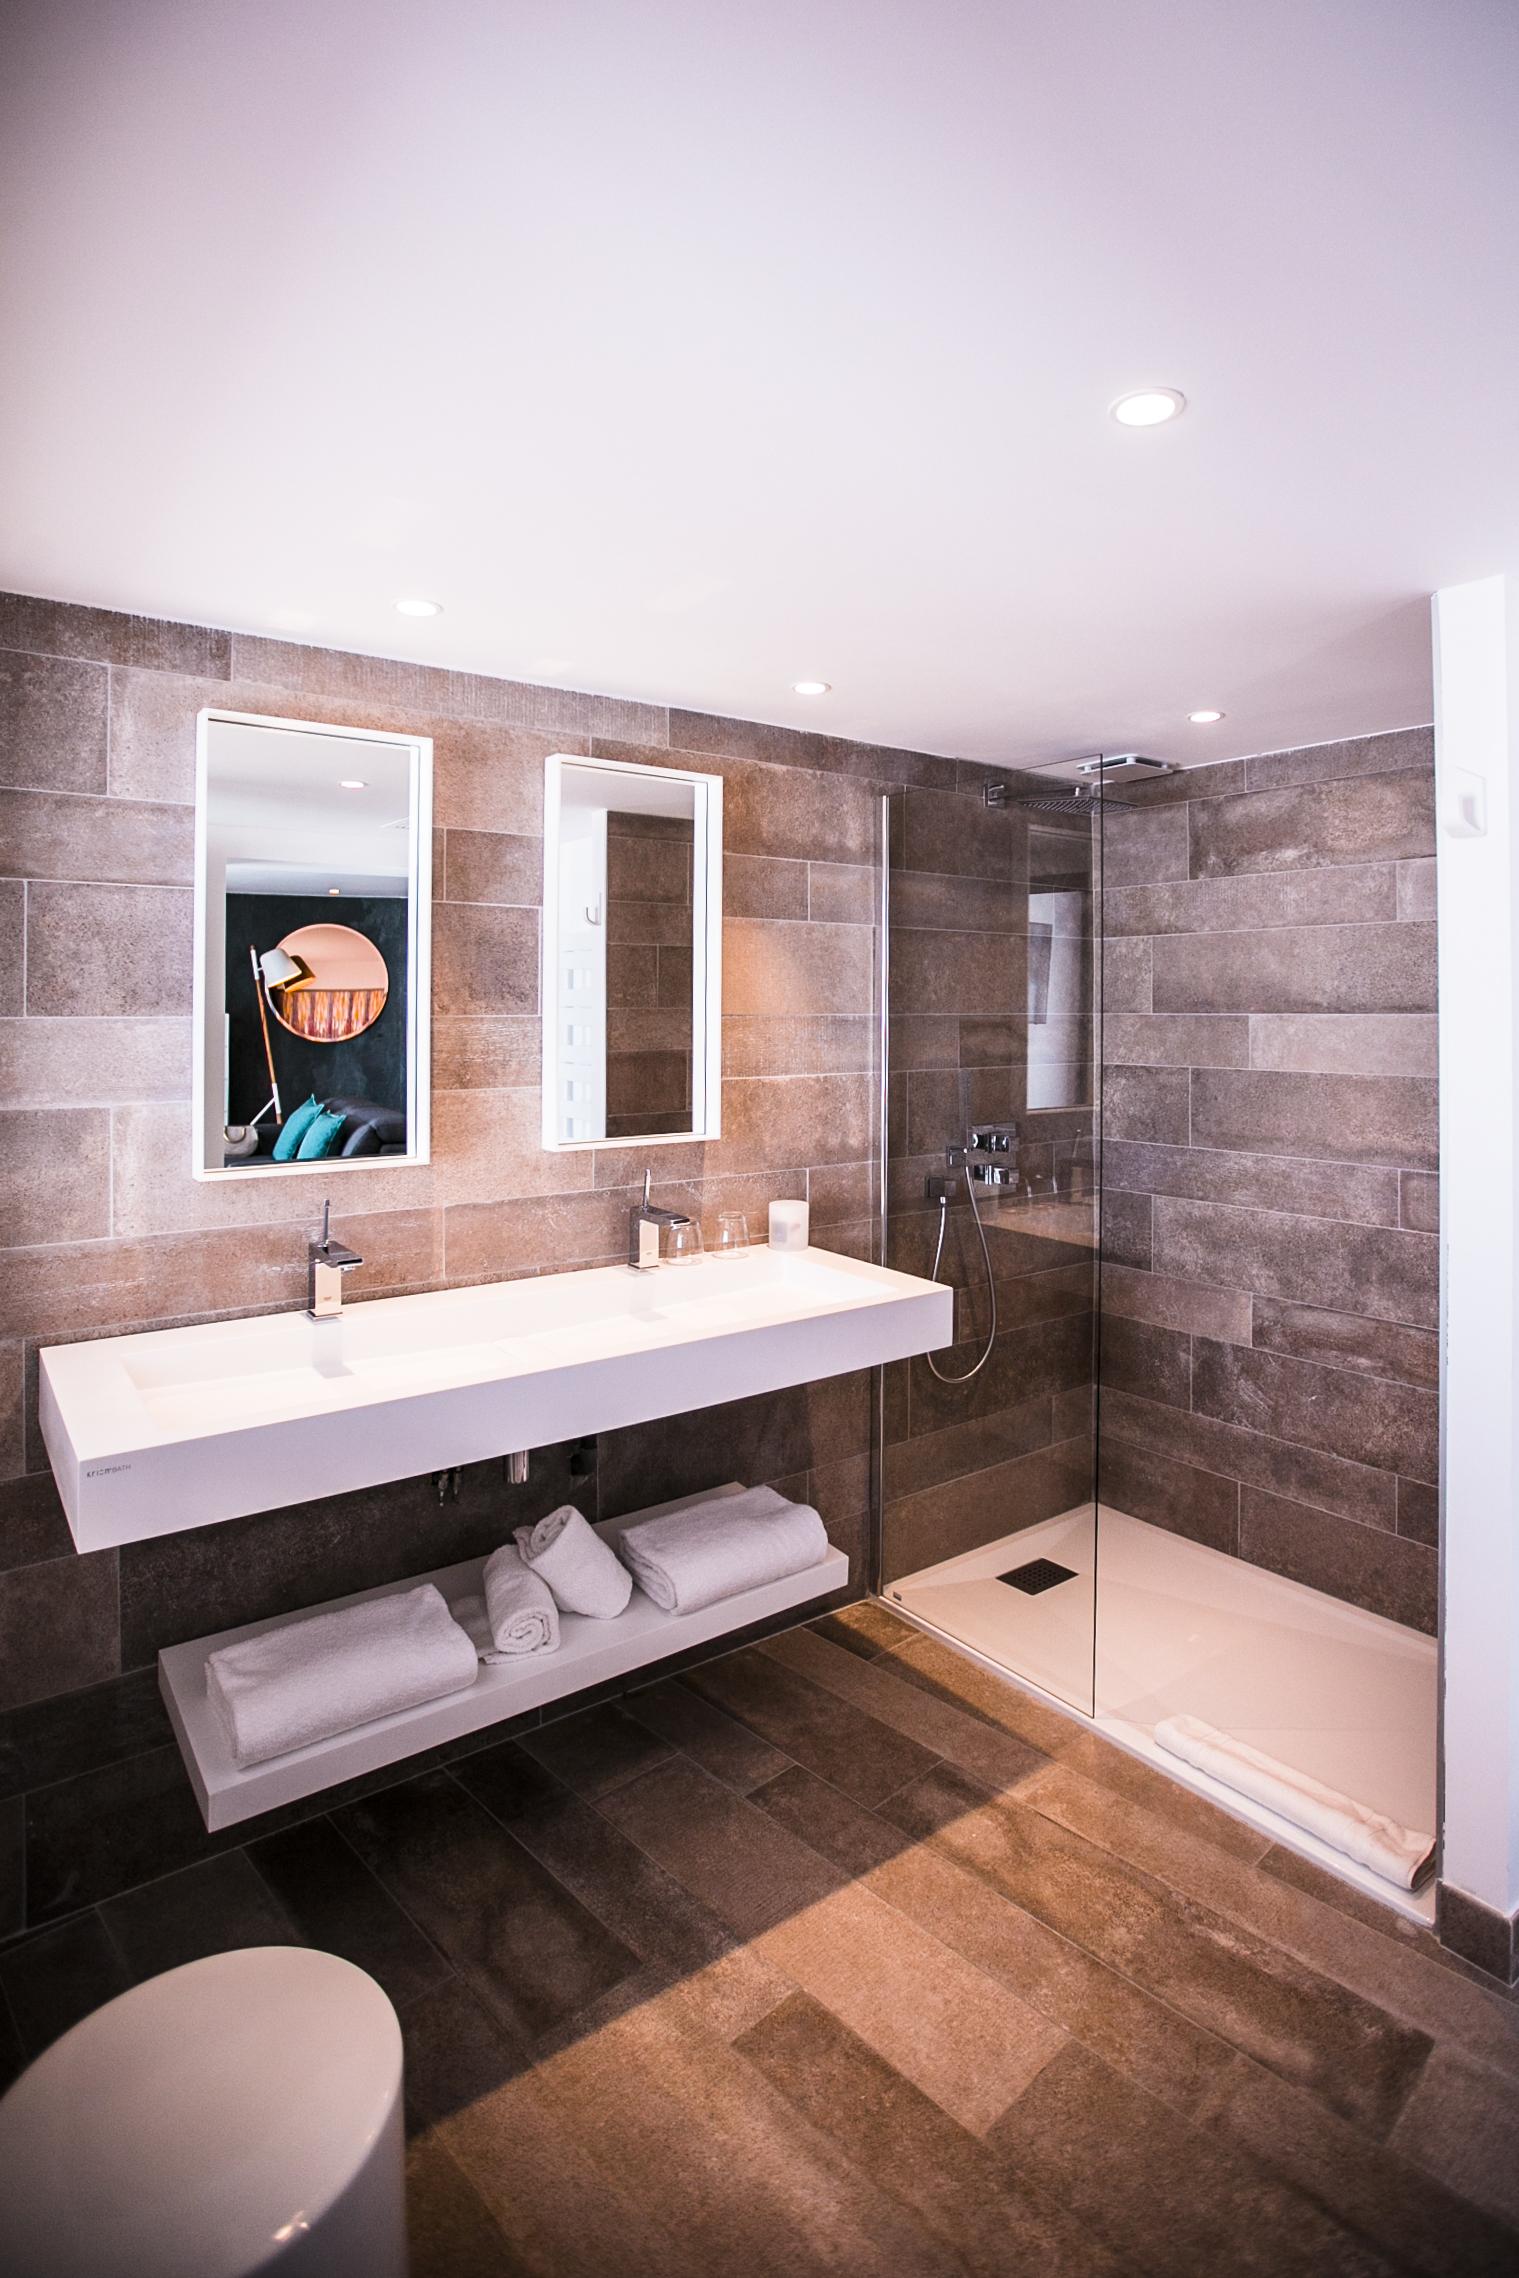 Salle de bain avec douche à l'italienne, deux lavabos et miroirs, hôtel bord de mer Méditerranée, Hôtel La Plage.